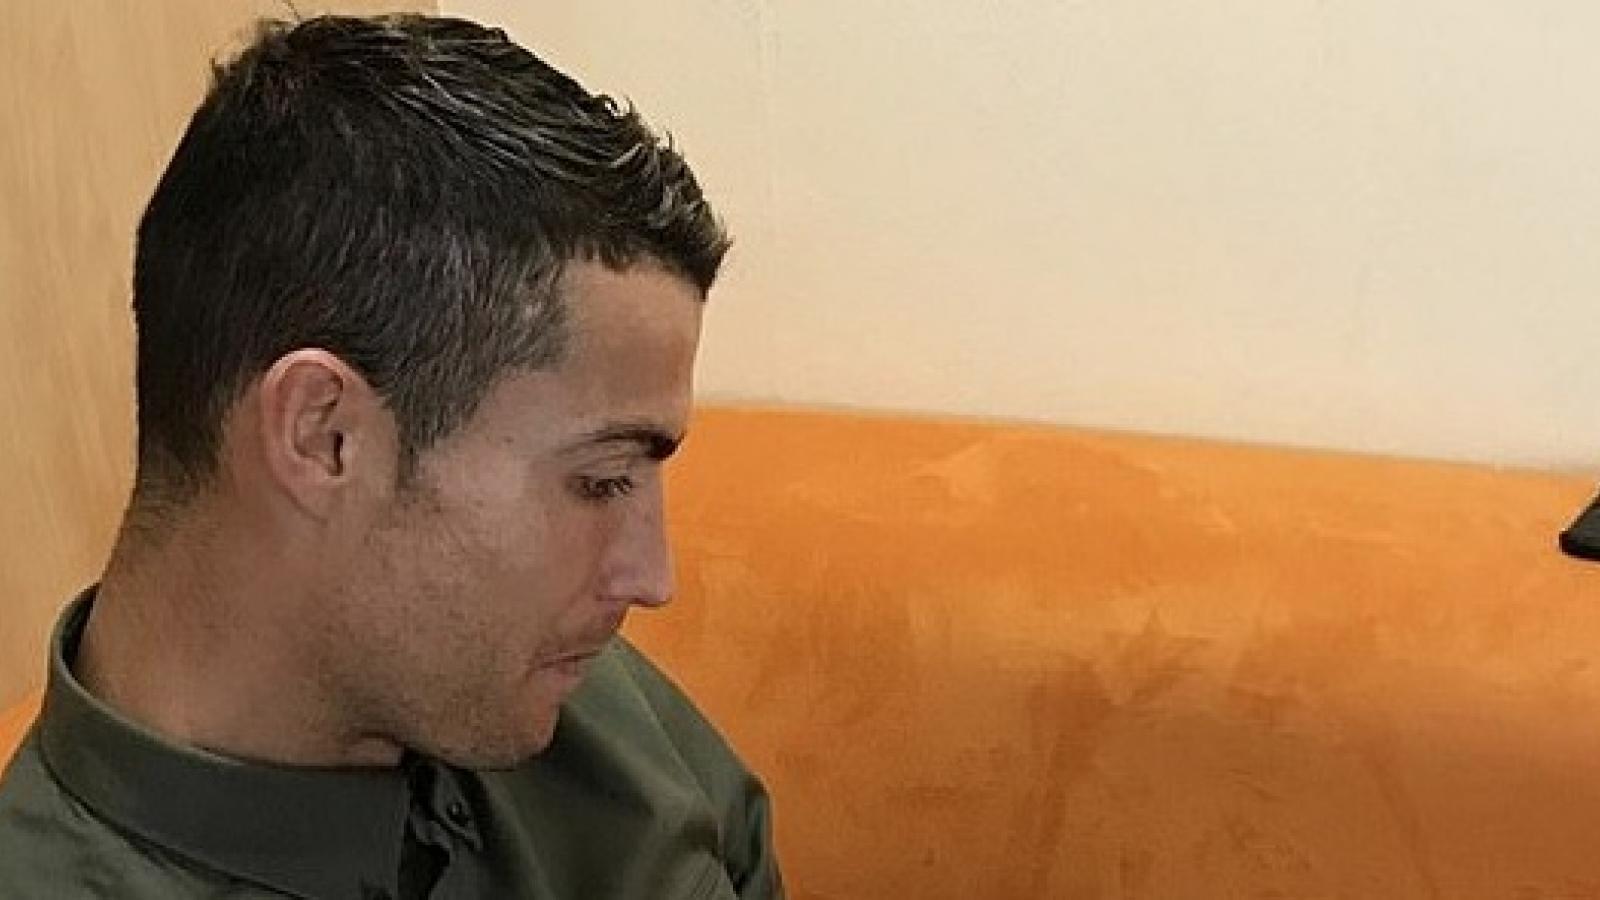 Bạn gái khoe ảnh C.Ronaldo căng thẳng cho con gái bú bình